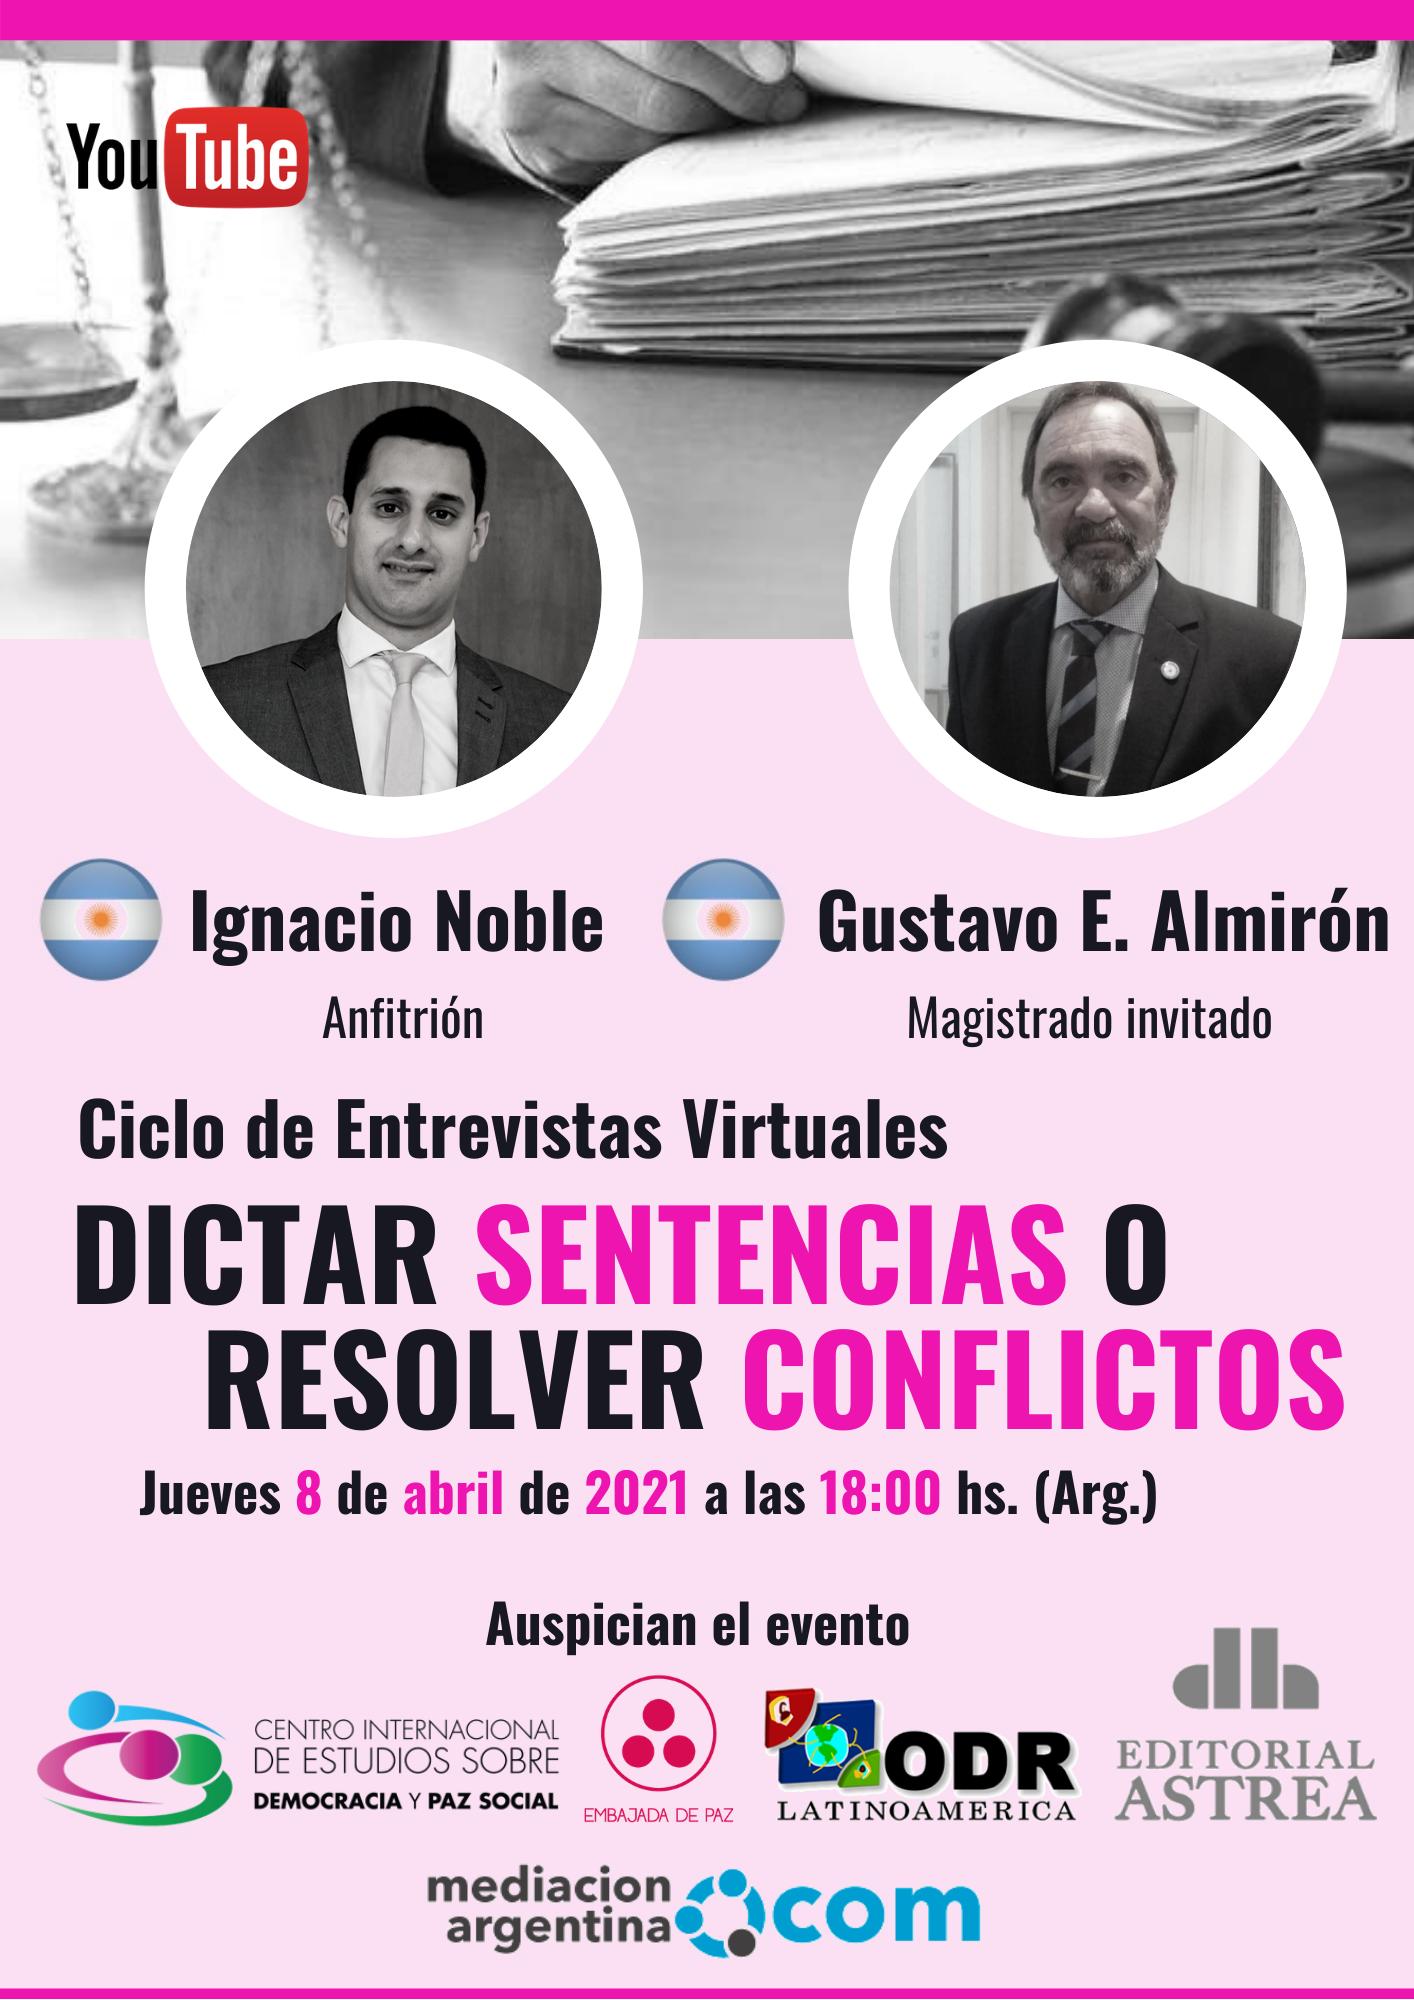 ¿Dictar sentencias o resolver conflictos? con Gustavo Enrique Almirón